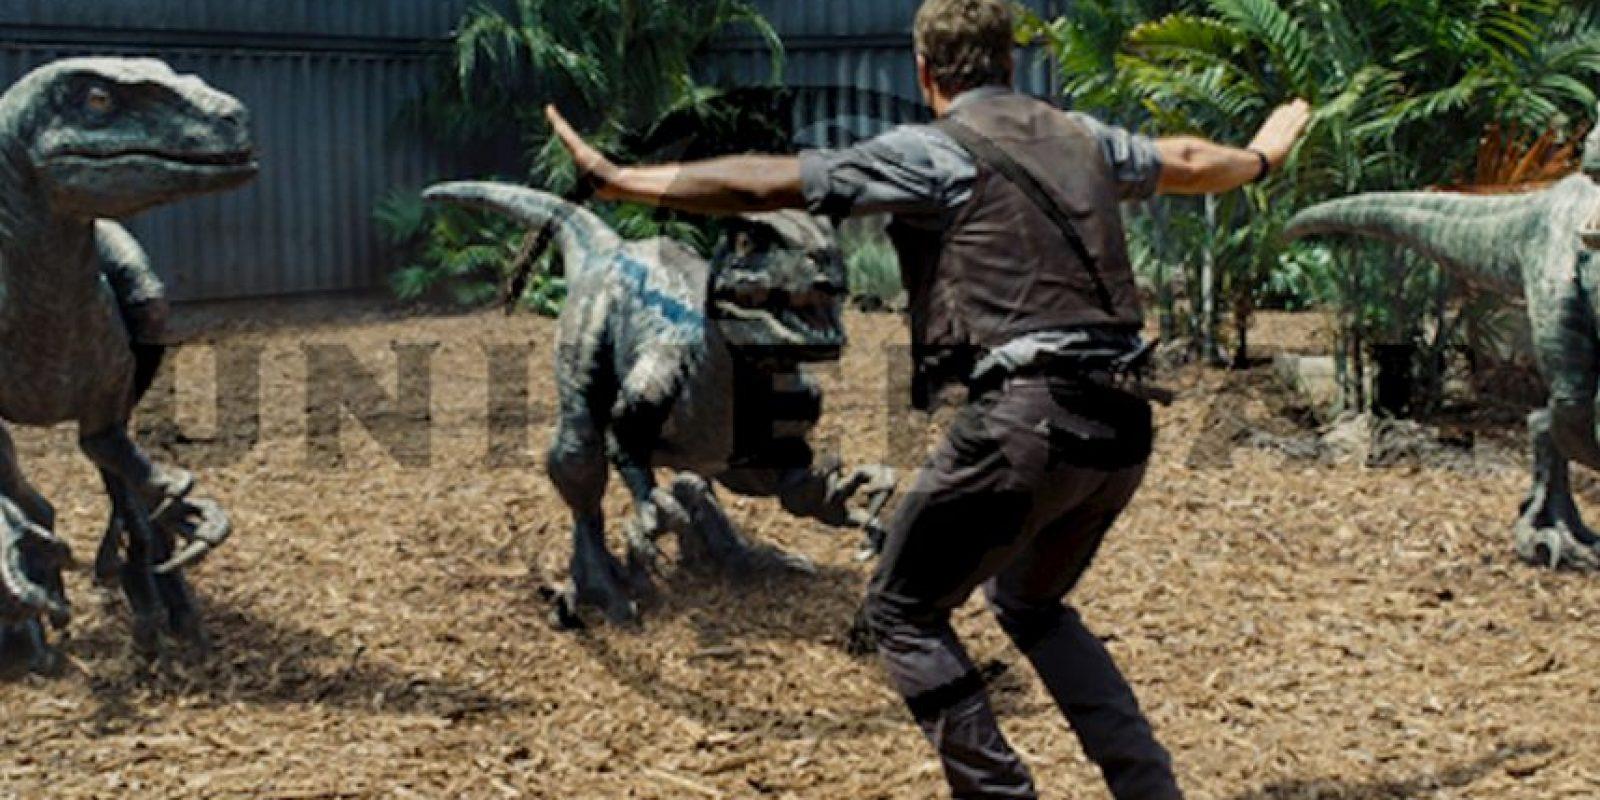 El Indominus Rex escapará del recinto y pondrá en peligro a los habitantes del parque. Foto:Universal